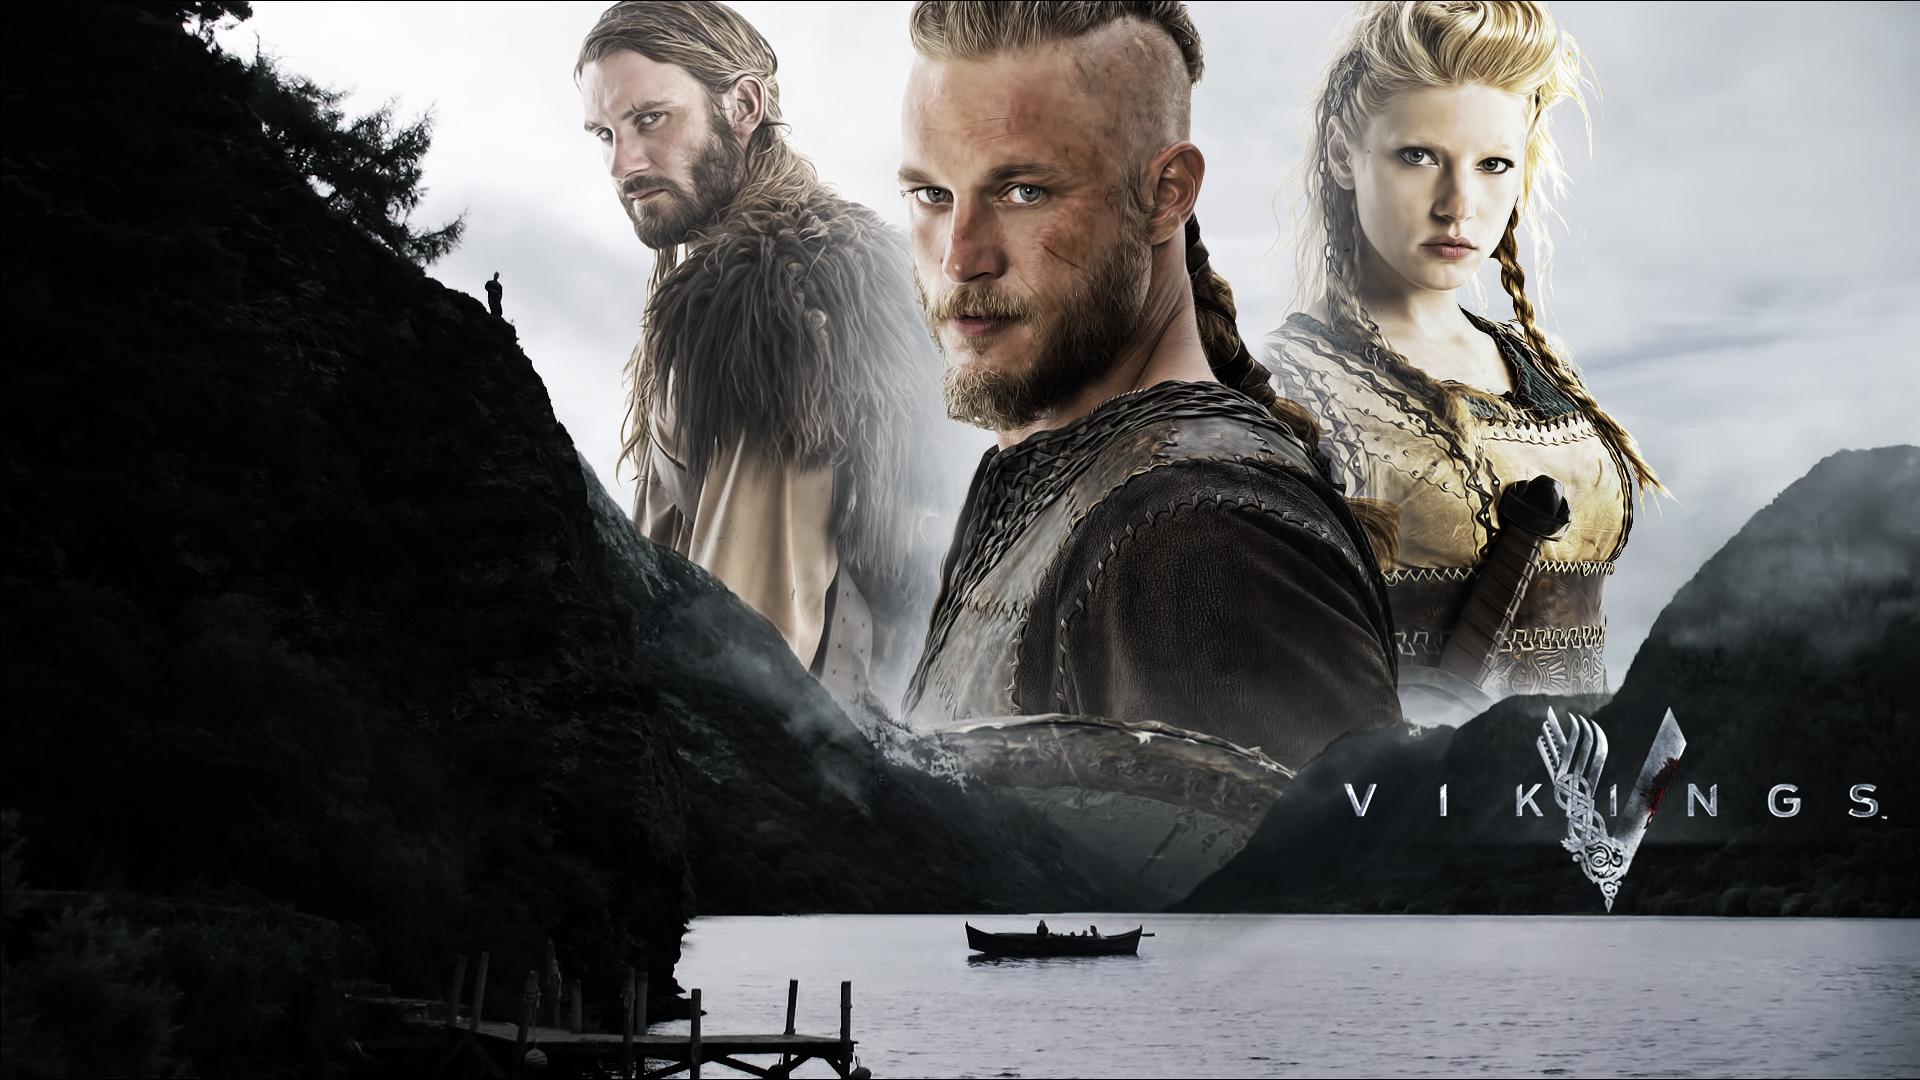 Vikings 2013 TV Series Wallpapers HD Wallpapers 1920x1080